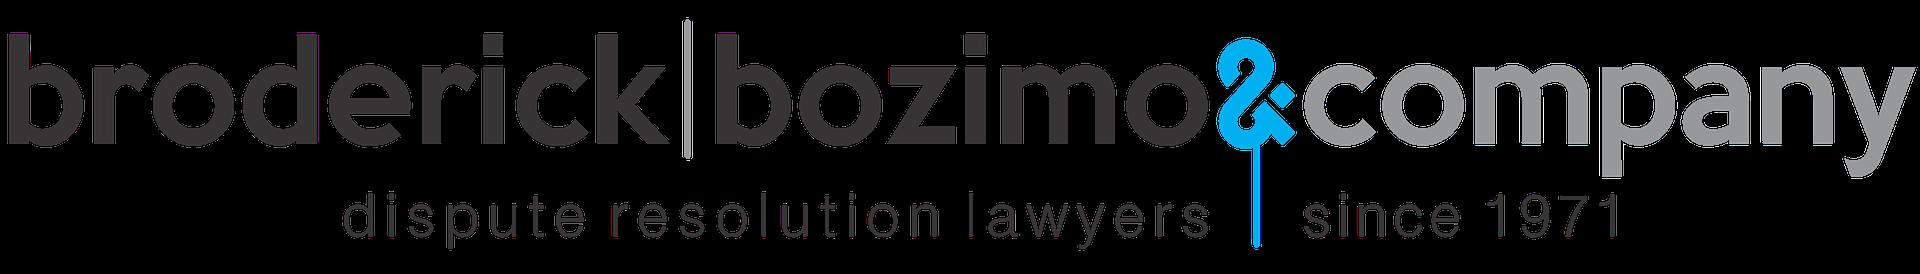 Broderick Bozimo & Company